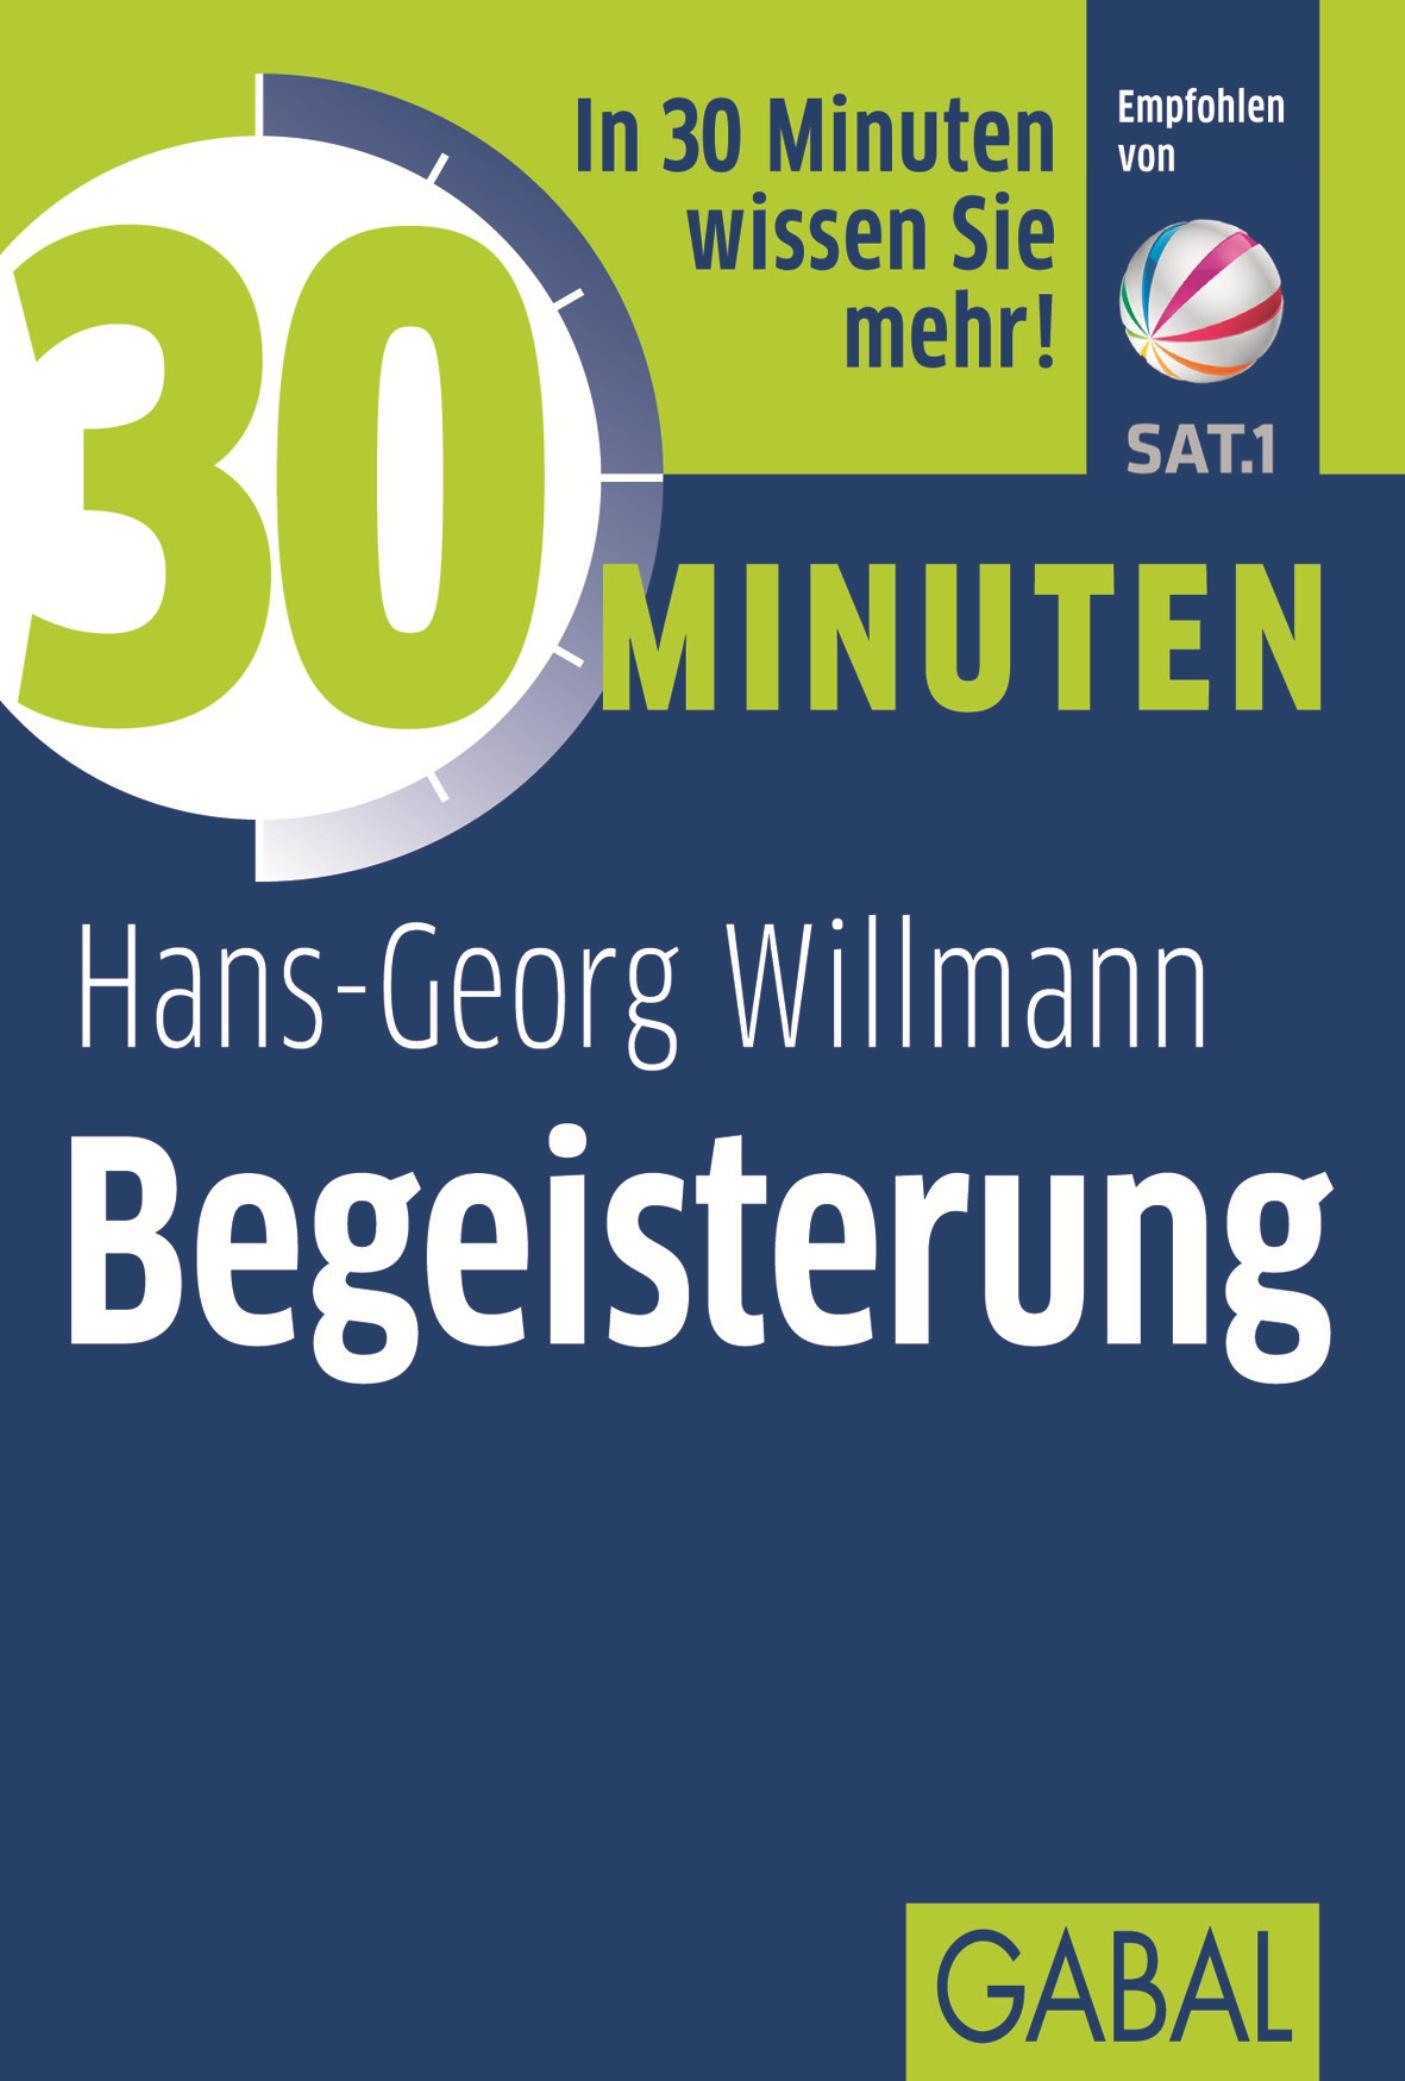 Hans-Georg Willmann 30 Minuten Begeisterung joachim skambraks 30 minuten elevator pitch